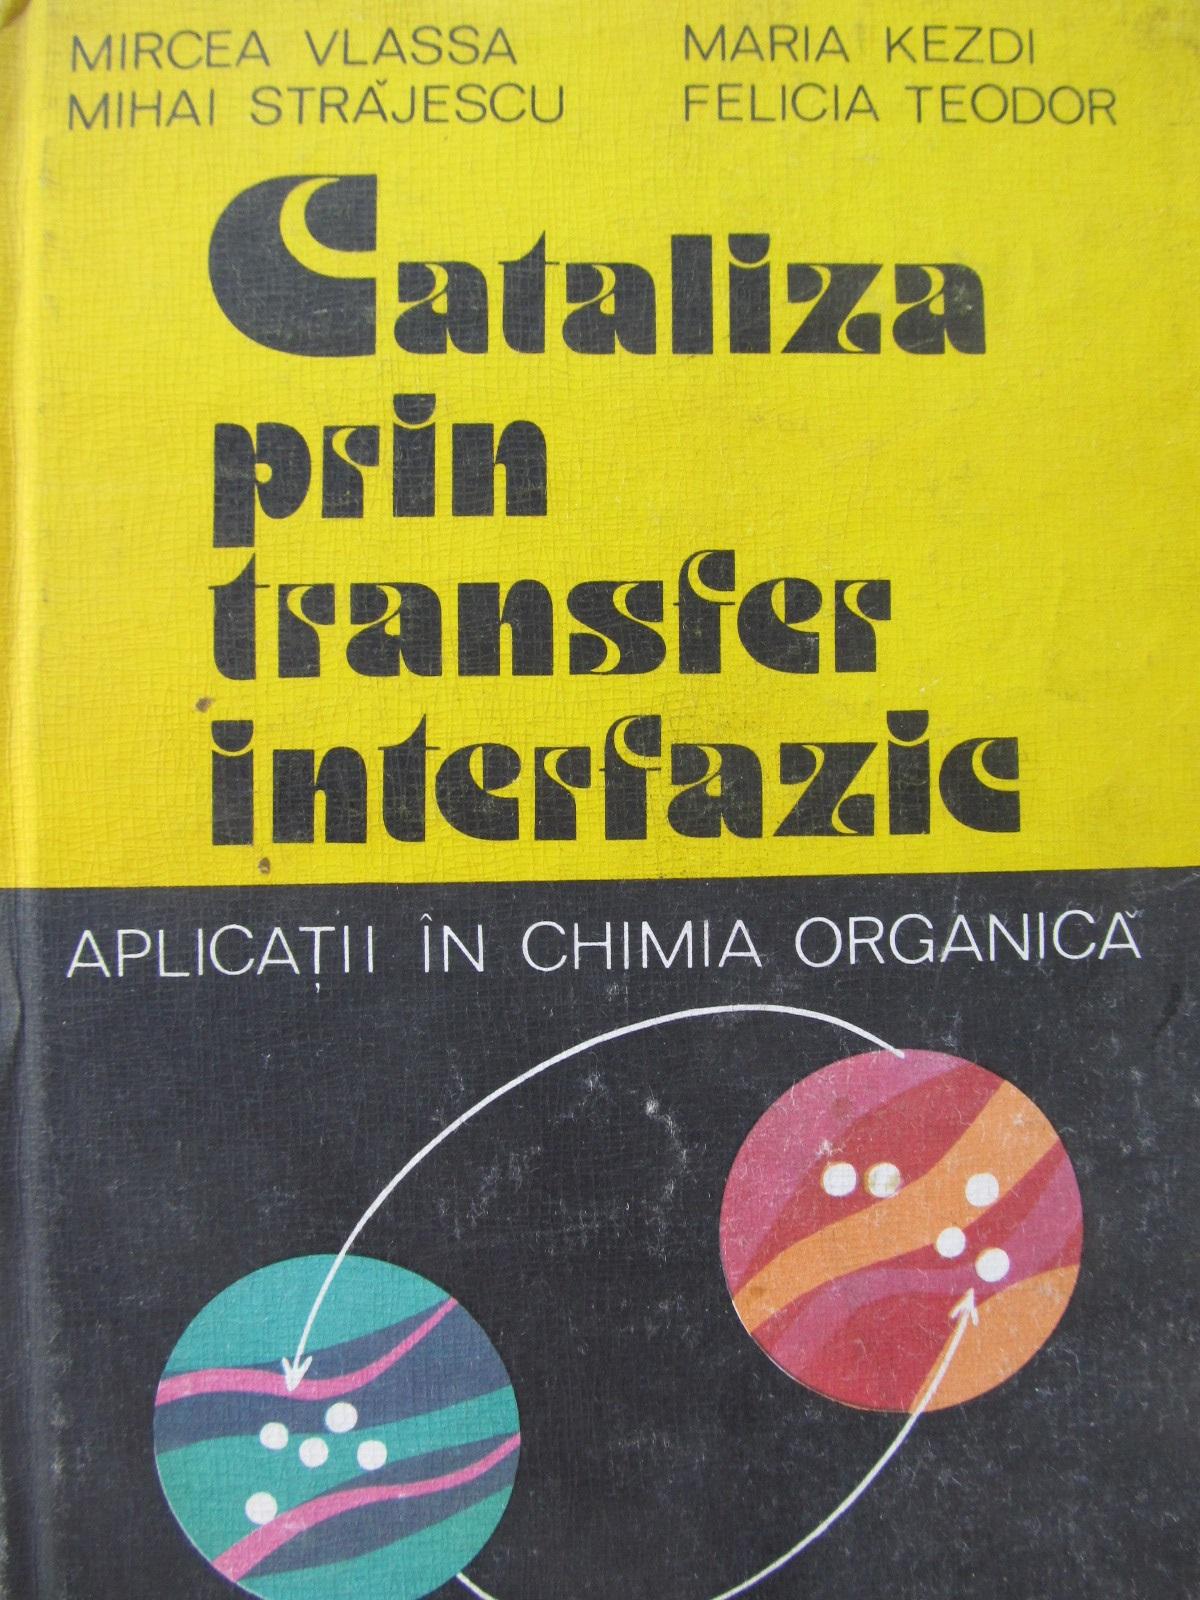 Cataliza prin transfer interfazic - Aplicatii in chimia organica - Mircea Vlassa , Maria Kezdi , ... | Detalii carte